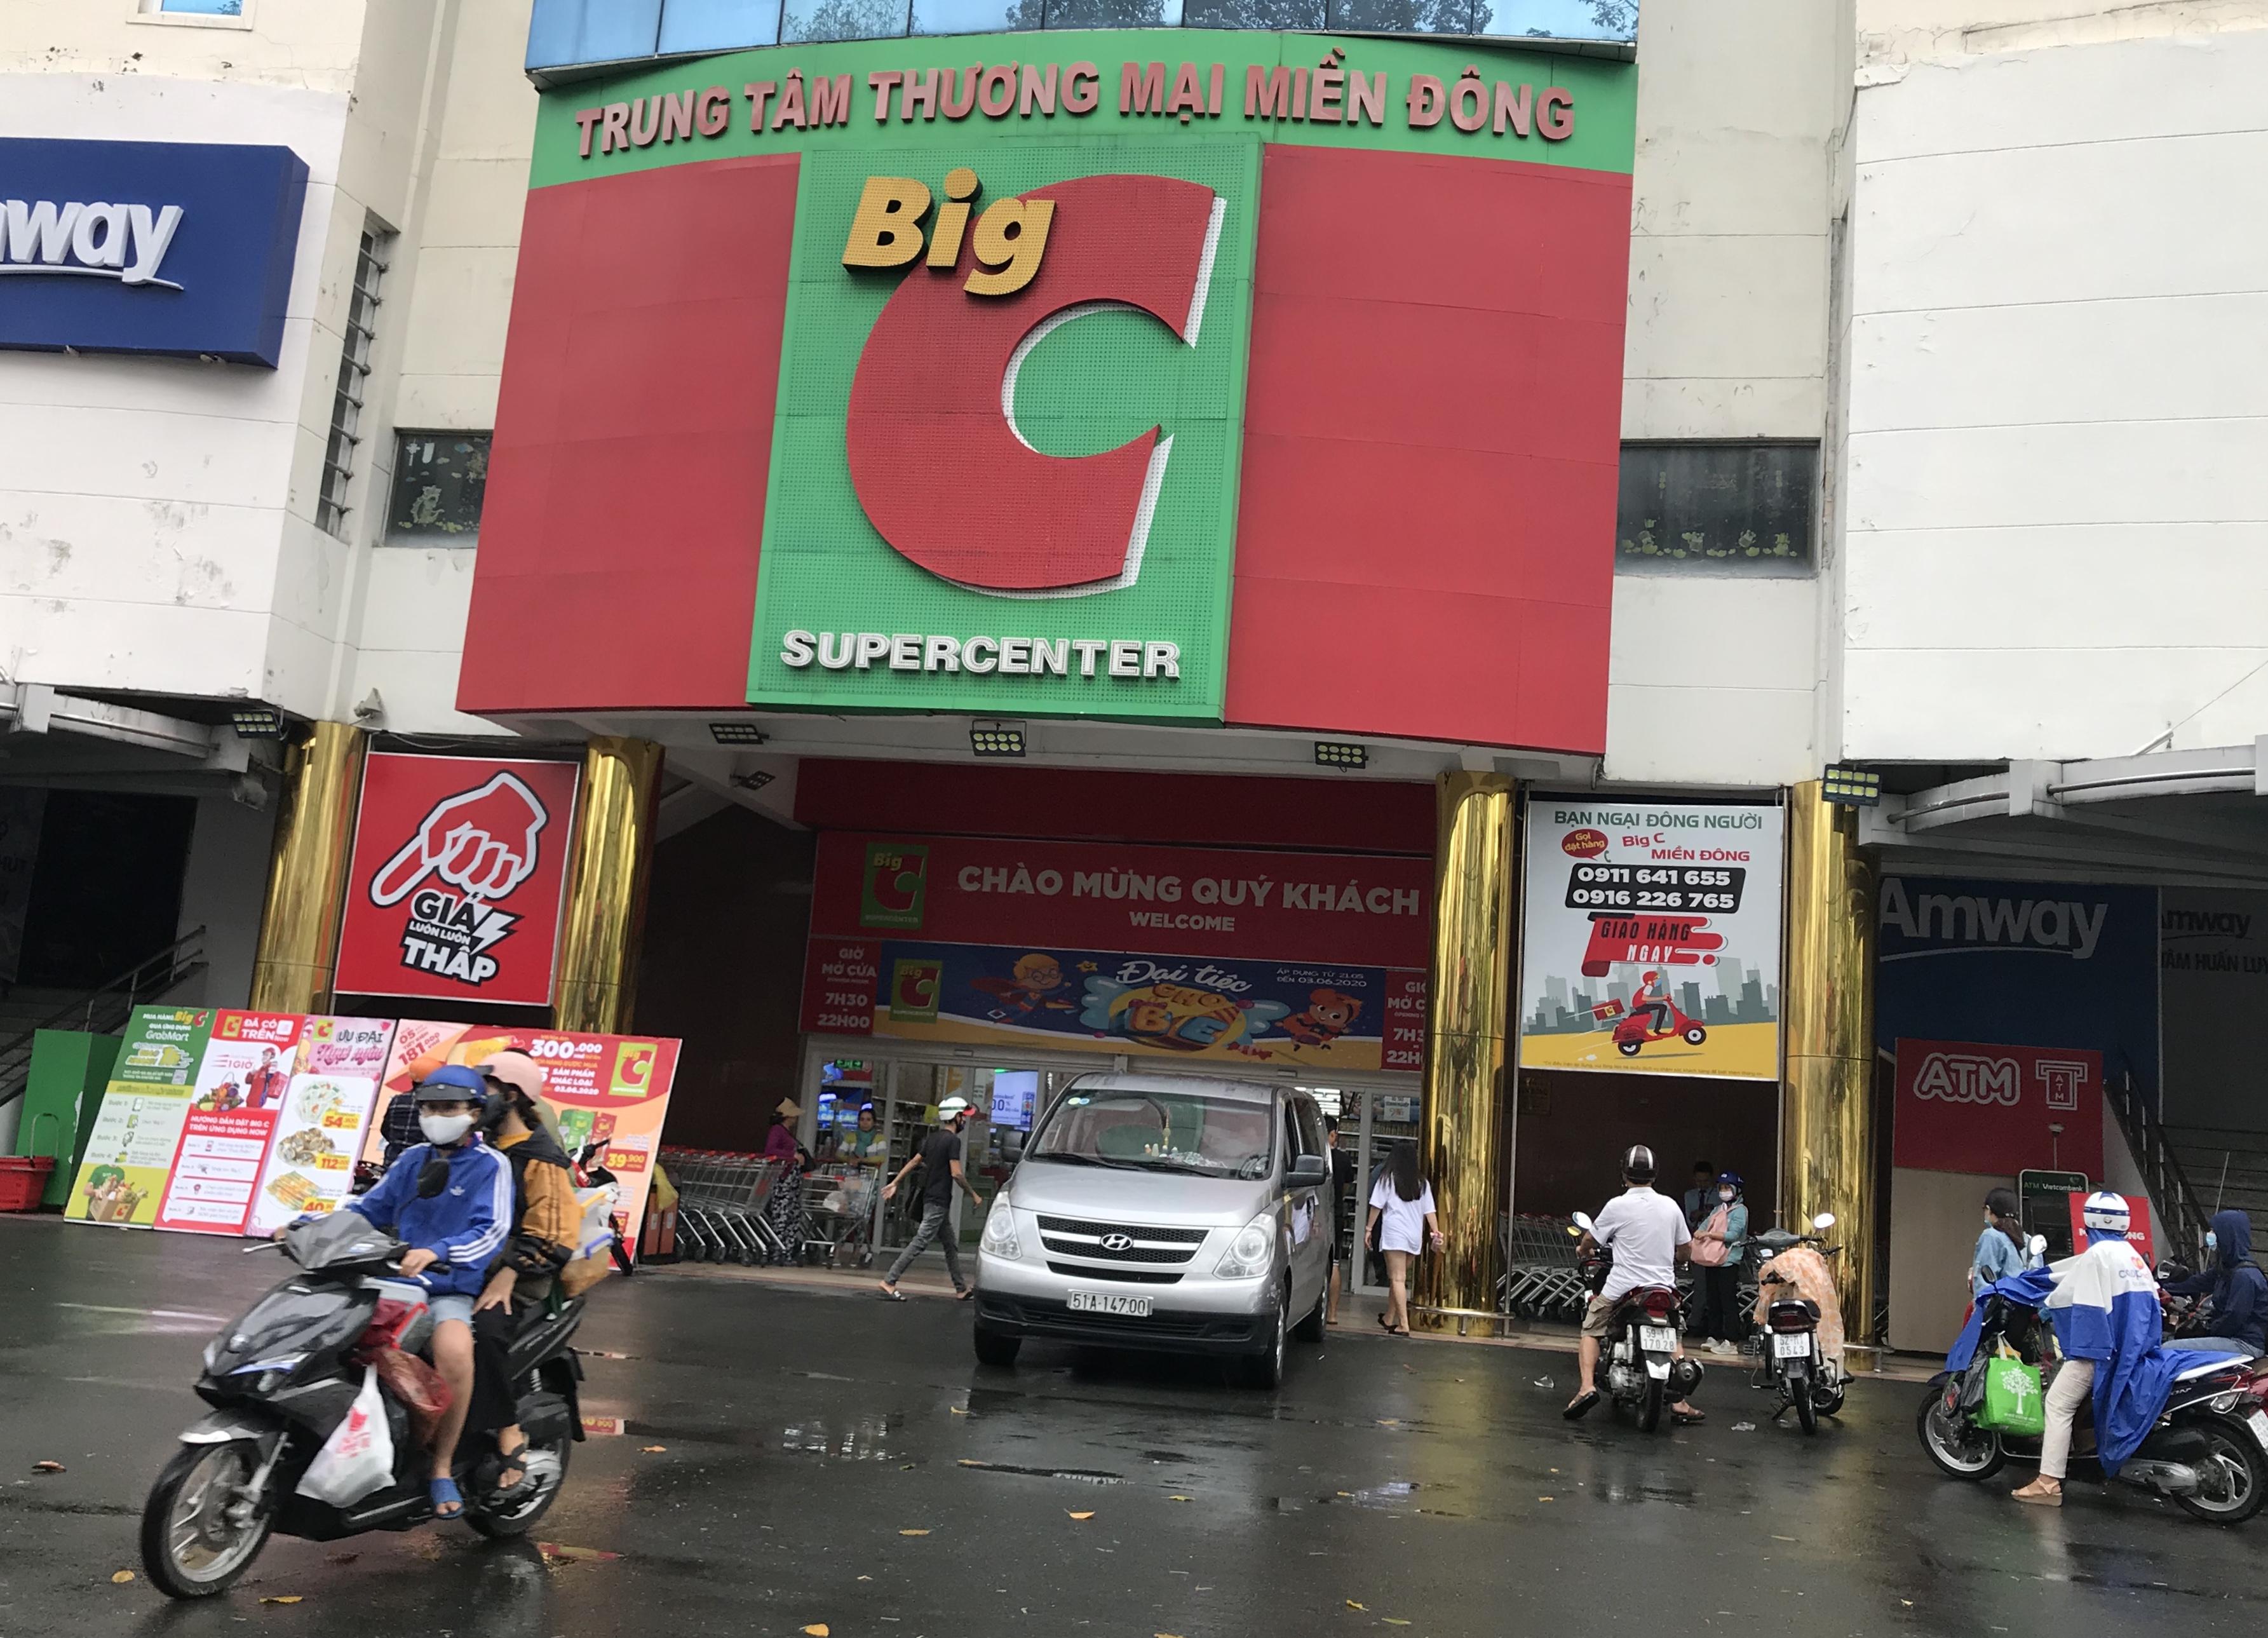 Big C miền Đông bất ngờ thông báo đóng cửa, người tiêu dùng sững sờ, siêu thị vắng lặng chiều nay - Ảnh 1.